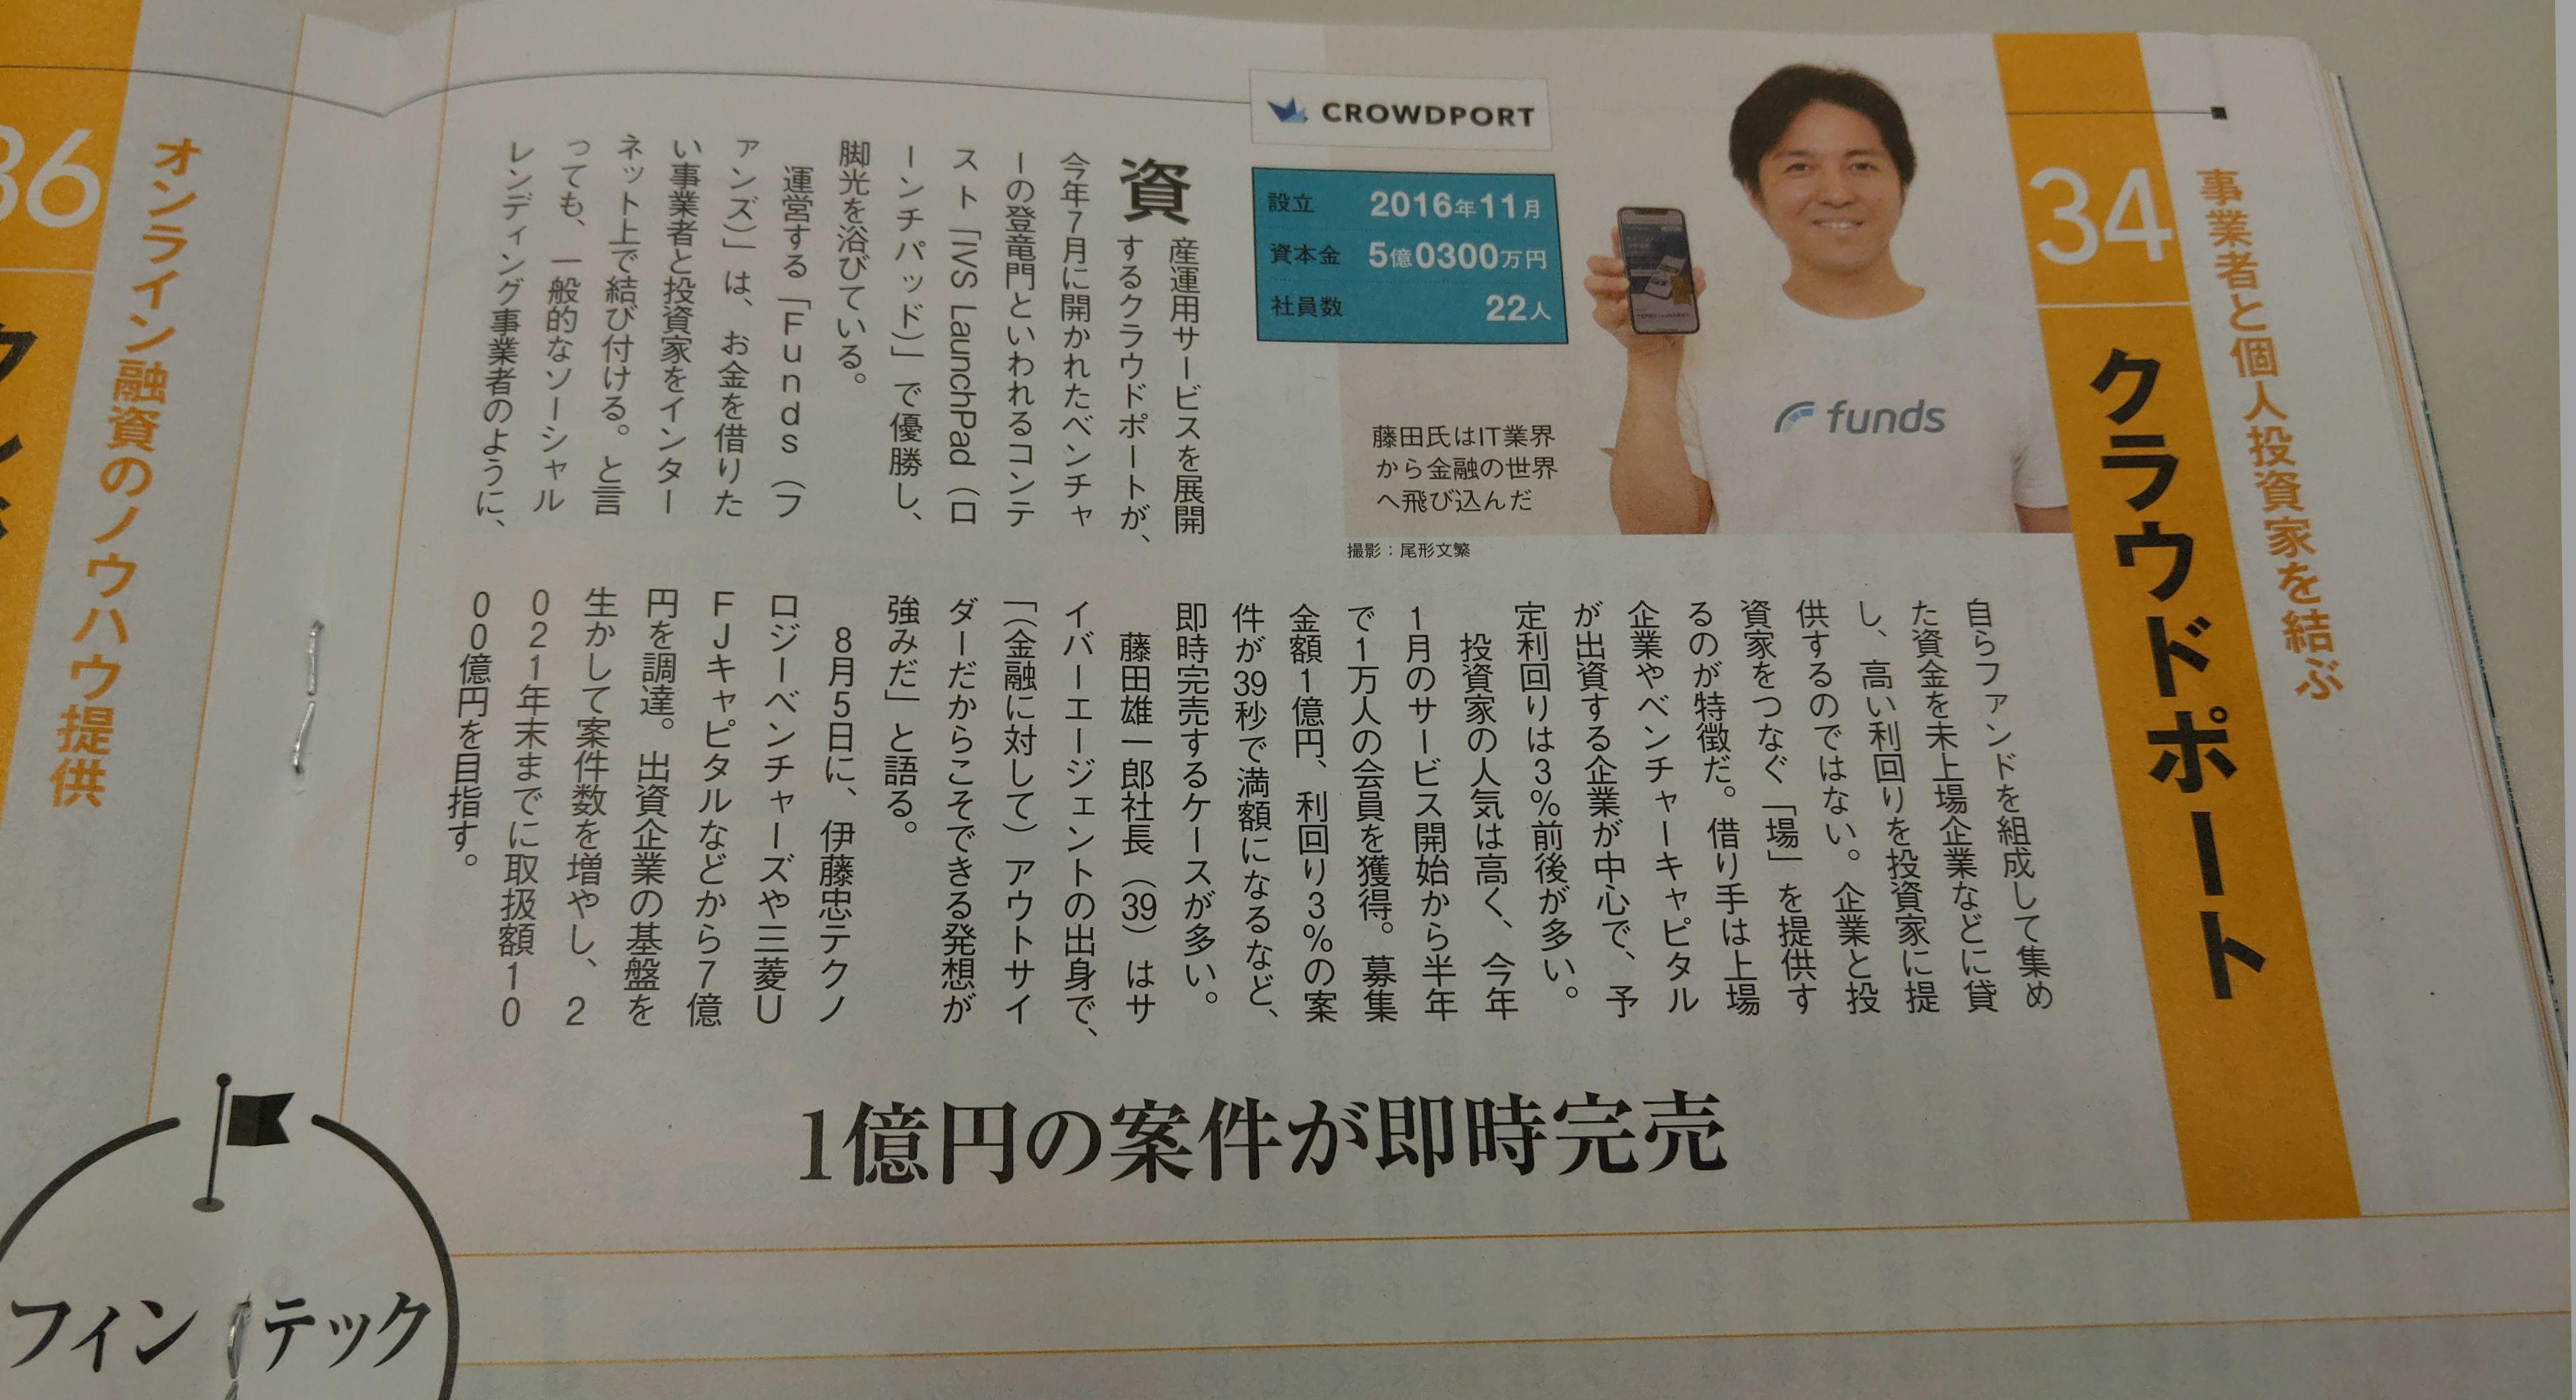 クラウドポート週刊東洋経済2019年8月24日号特集「マネー殺到! すごいベンチャー100」